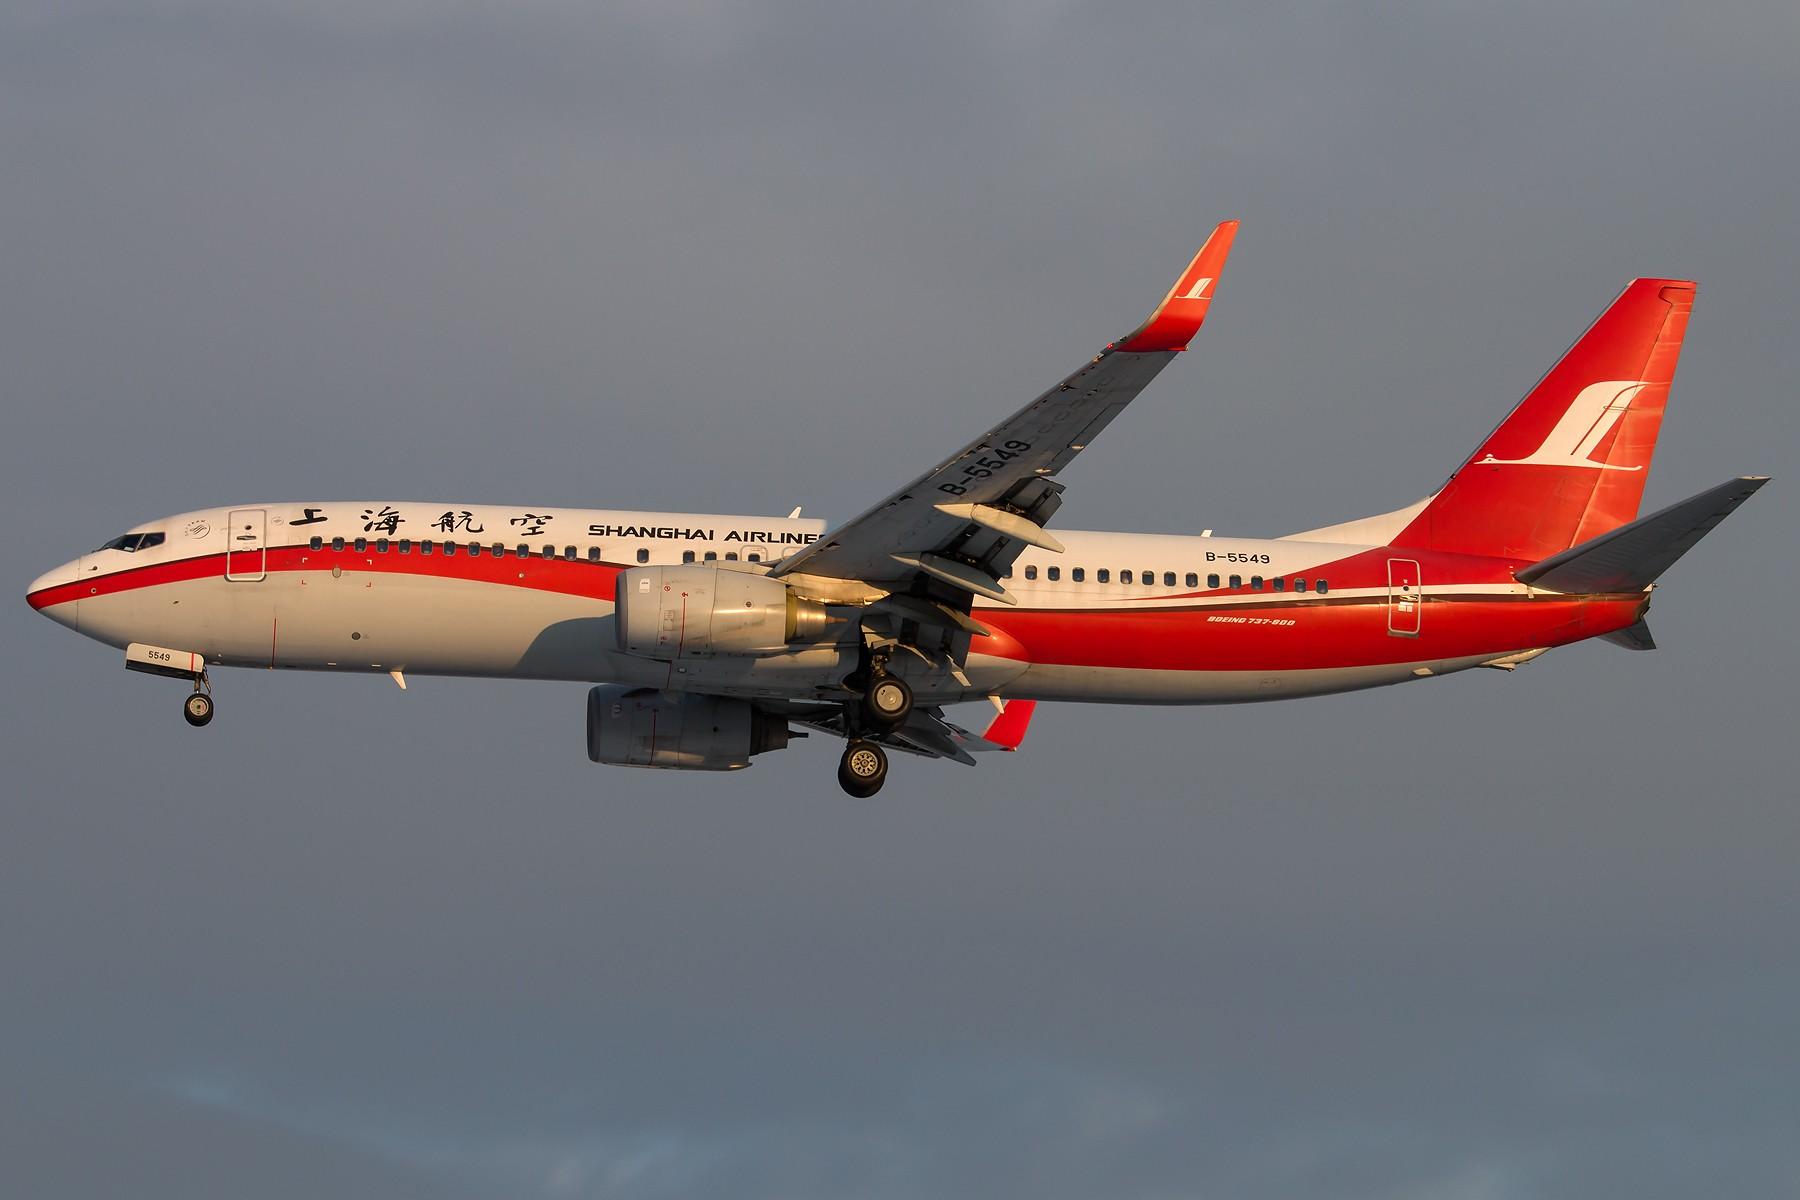 Re:[原创]雪里红 1800*1200 [5pics] BOEING 737-86N(WL) B-5549 中国北京首都国际机场